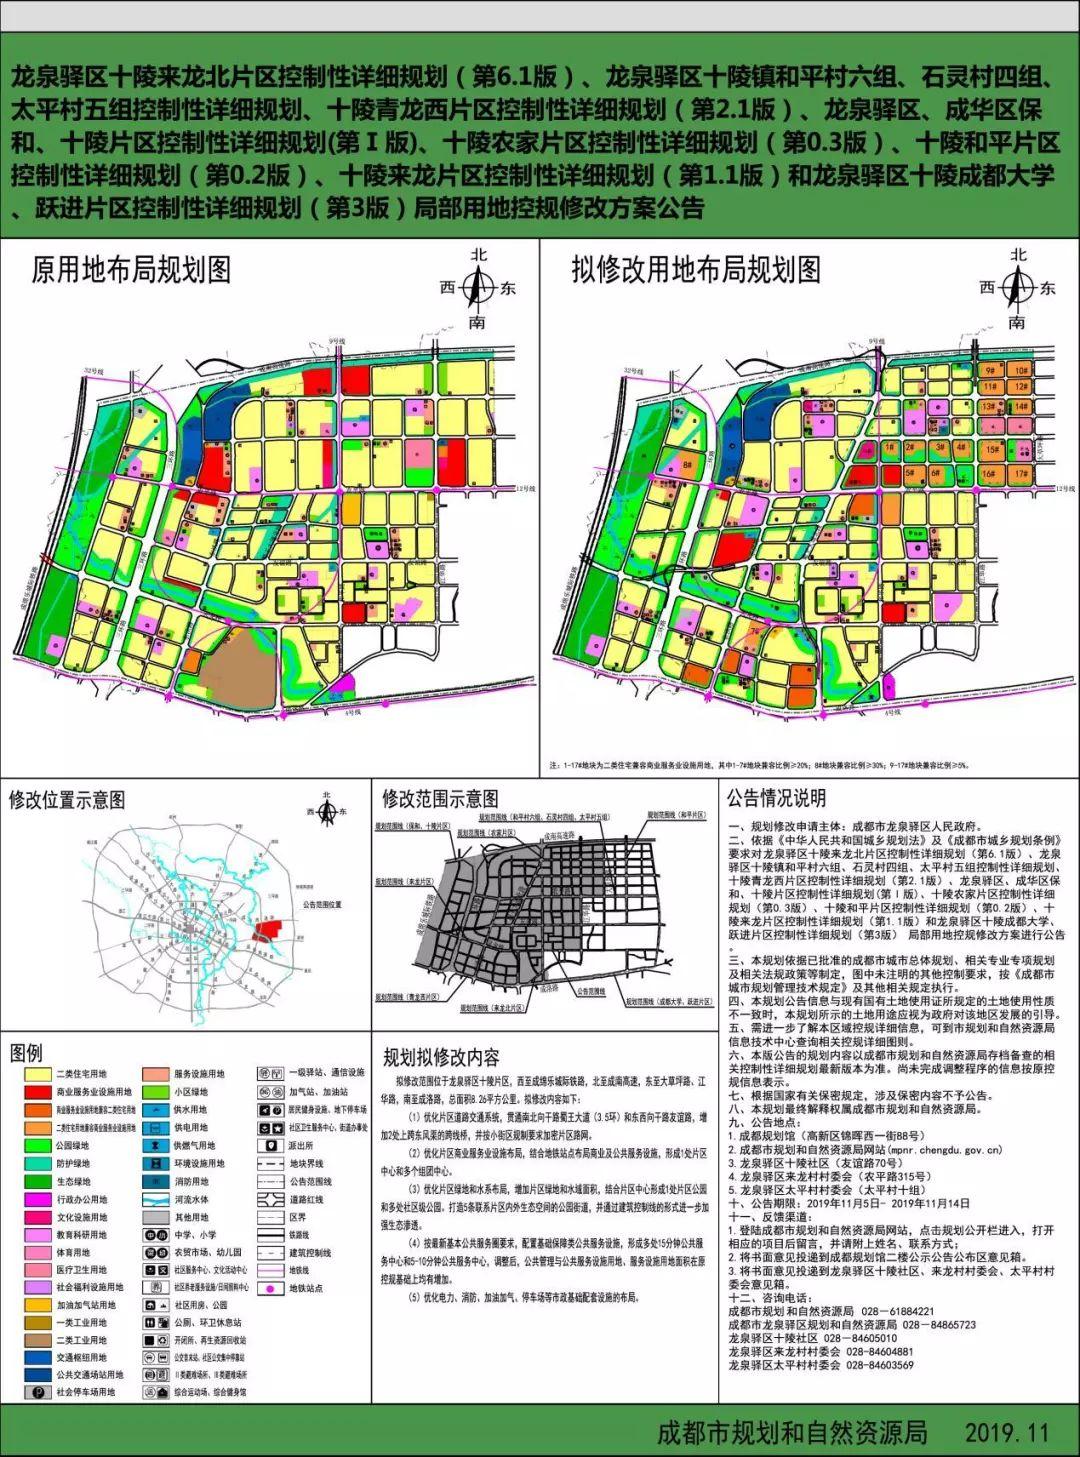 2019年11月龙泉驿区十陵片区规划图